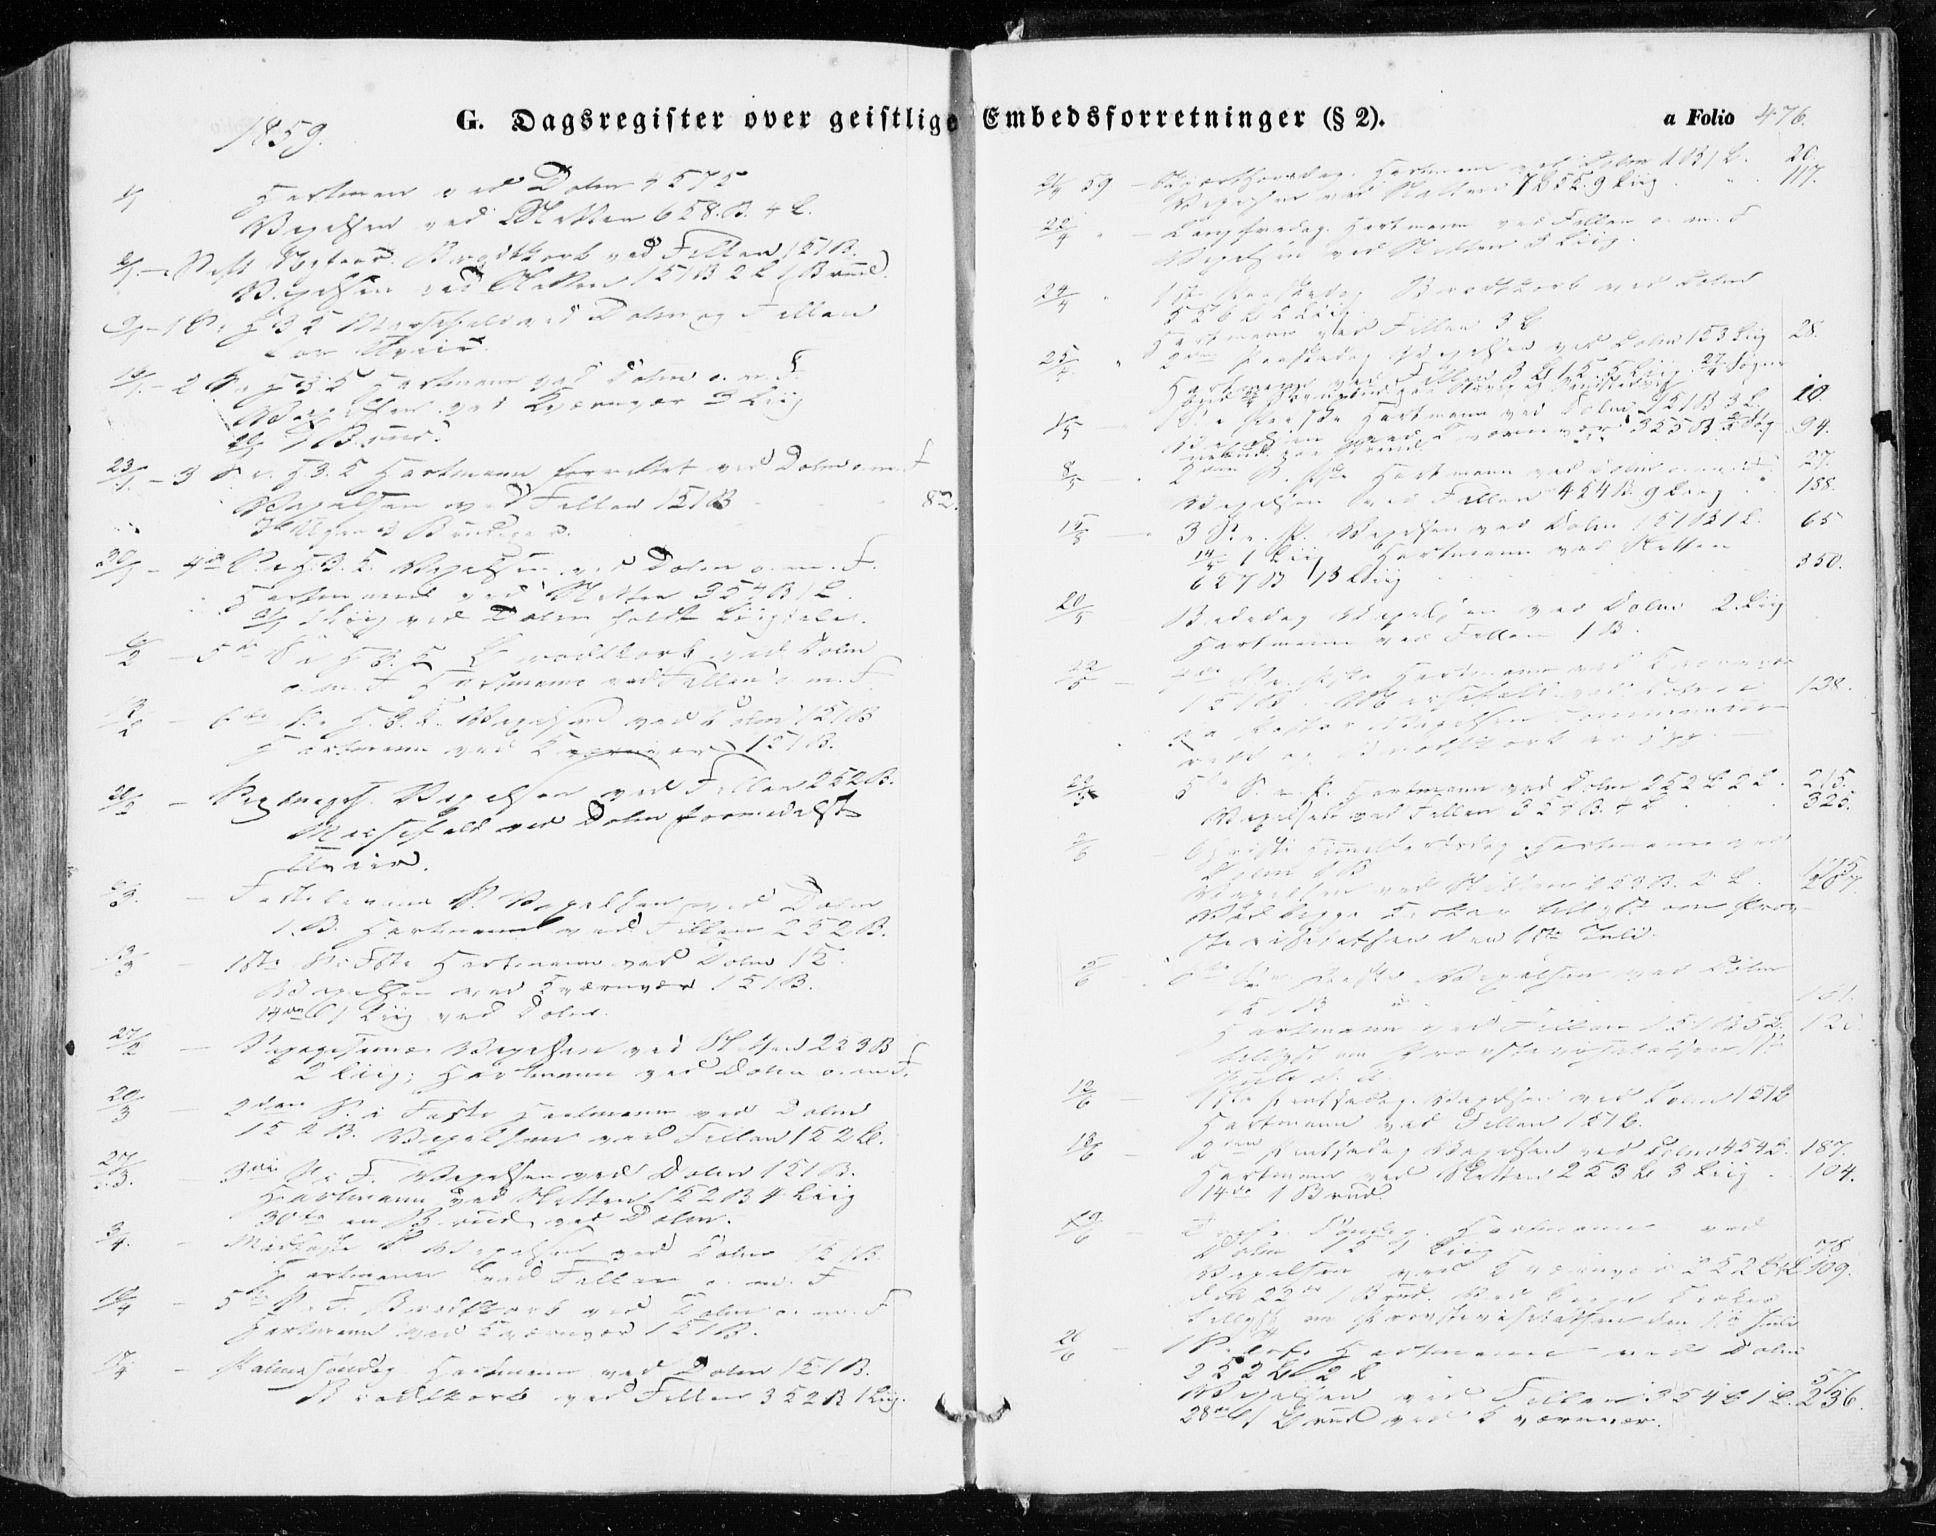 SAT, Ministerialprotokoller, klokkerbøker og fødselsregistre - Sør-Trøndelag, 634/L0530: Ministerialbok nr. 634A06, 1852-1860, s. 476